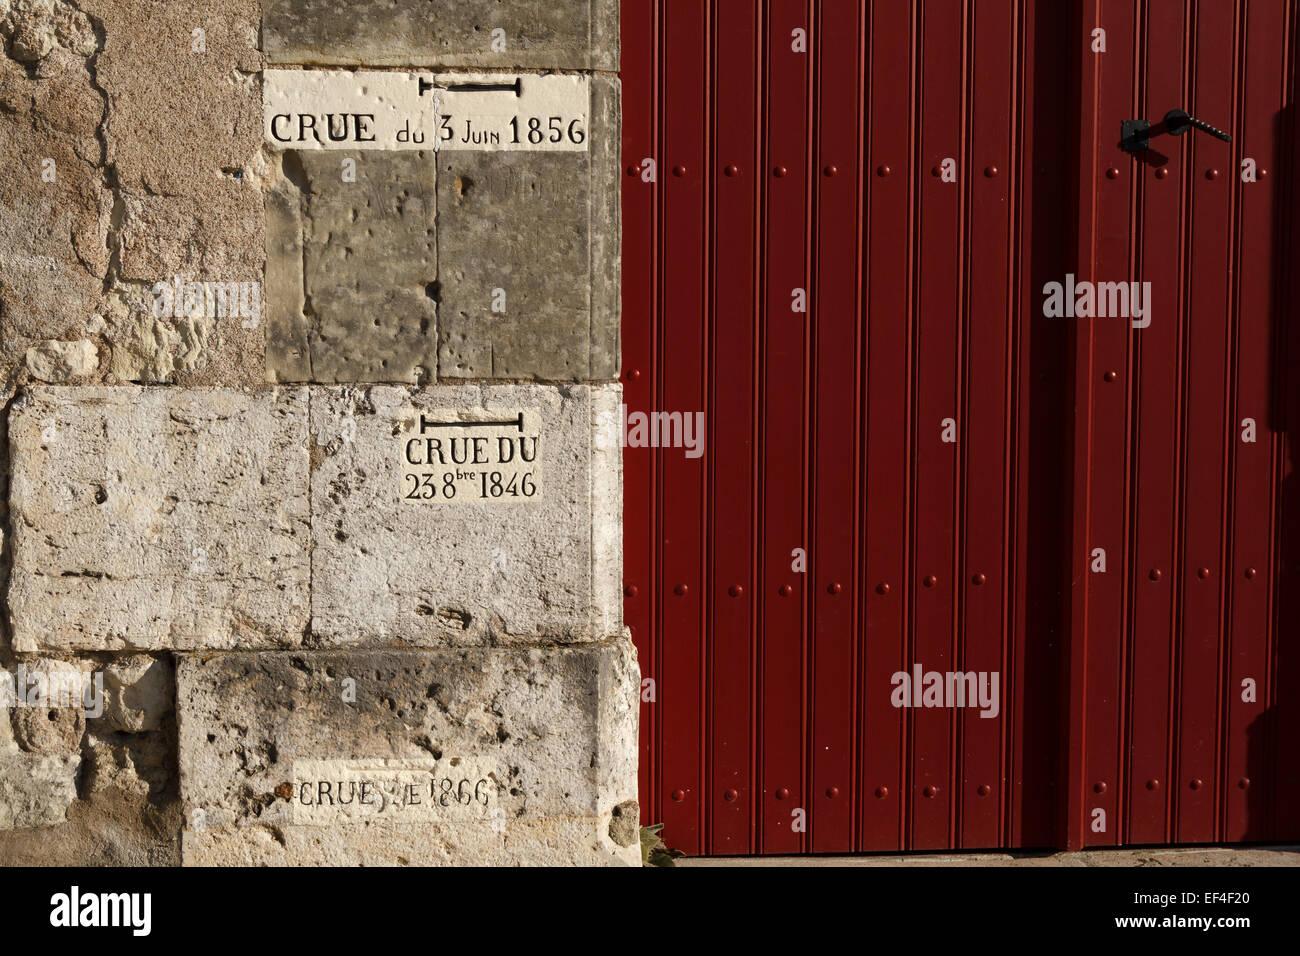 El nivel de inundación histórica escrito en un muro de piedra junto a una puerta roja, Amboise, Indre Imagen De Stock